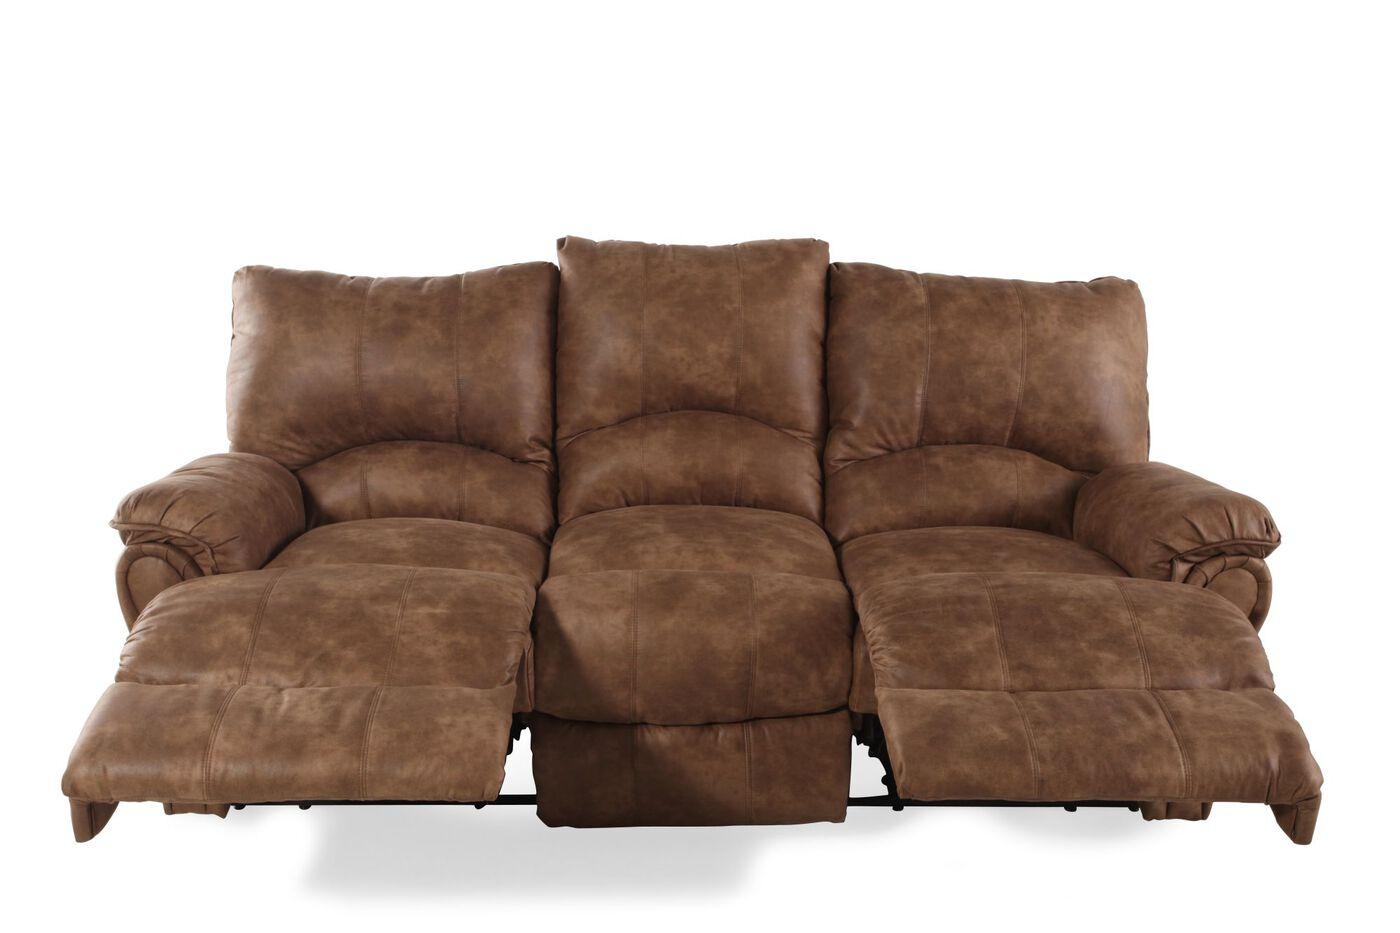 Lane Alpine Caramel Reclining Sofa Mathis Brothers Furniture